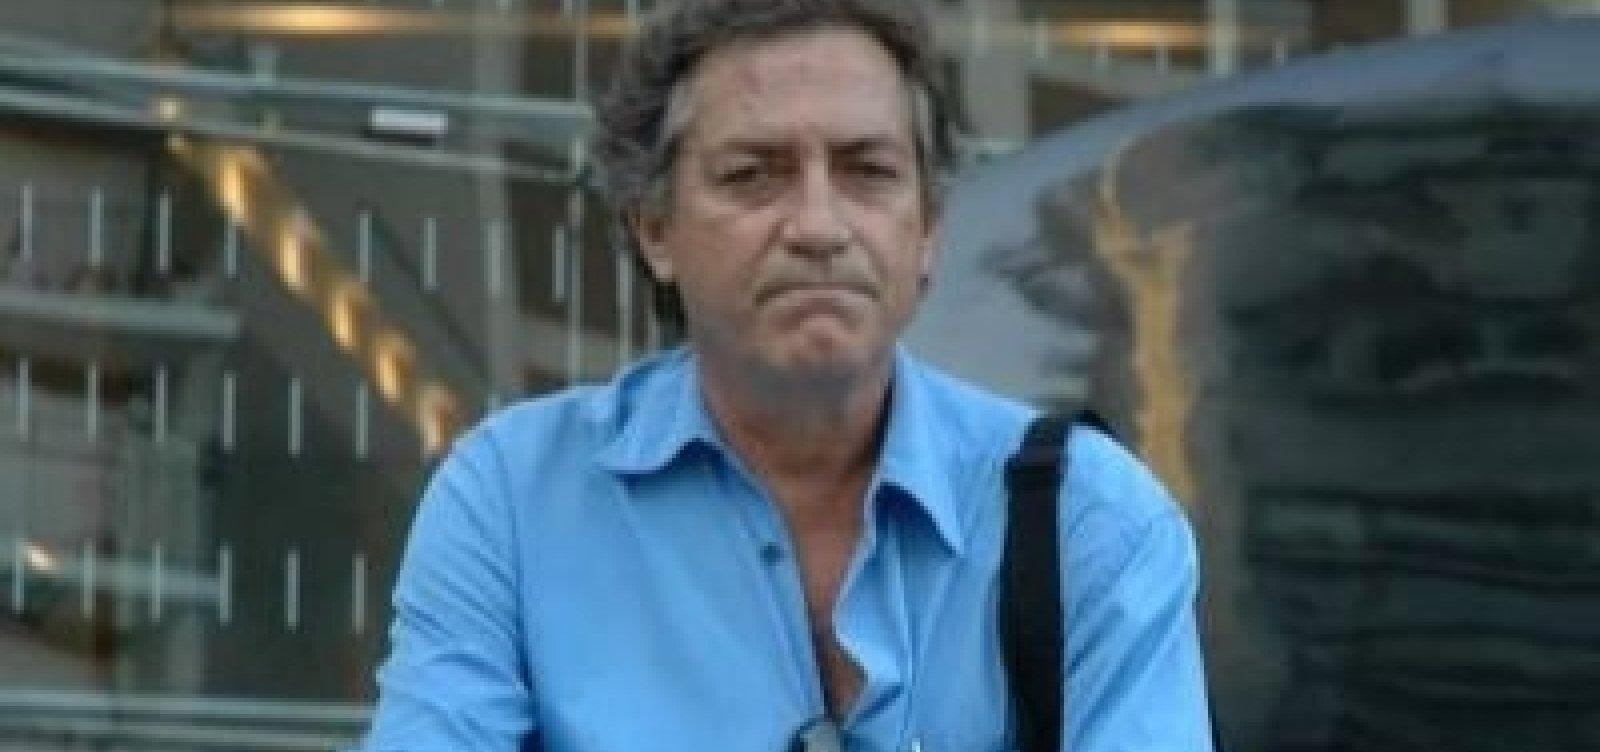 Jornalista Roberto Pinheiro morre aos 69 anos, vítima de câncer